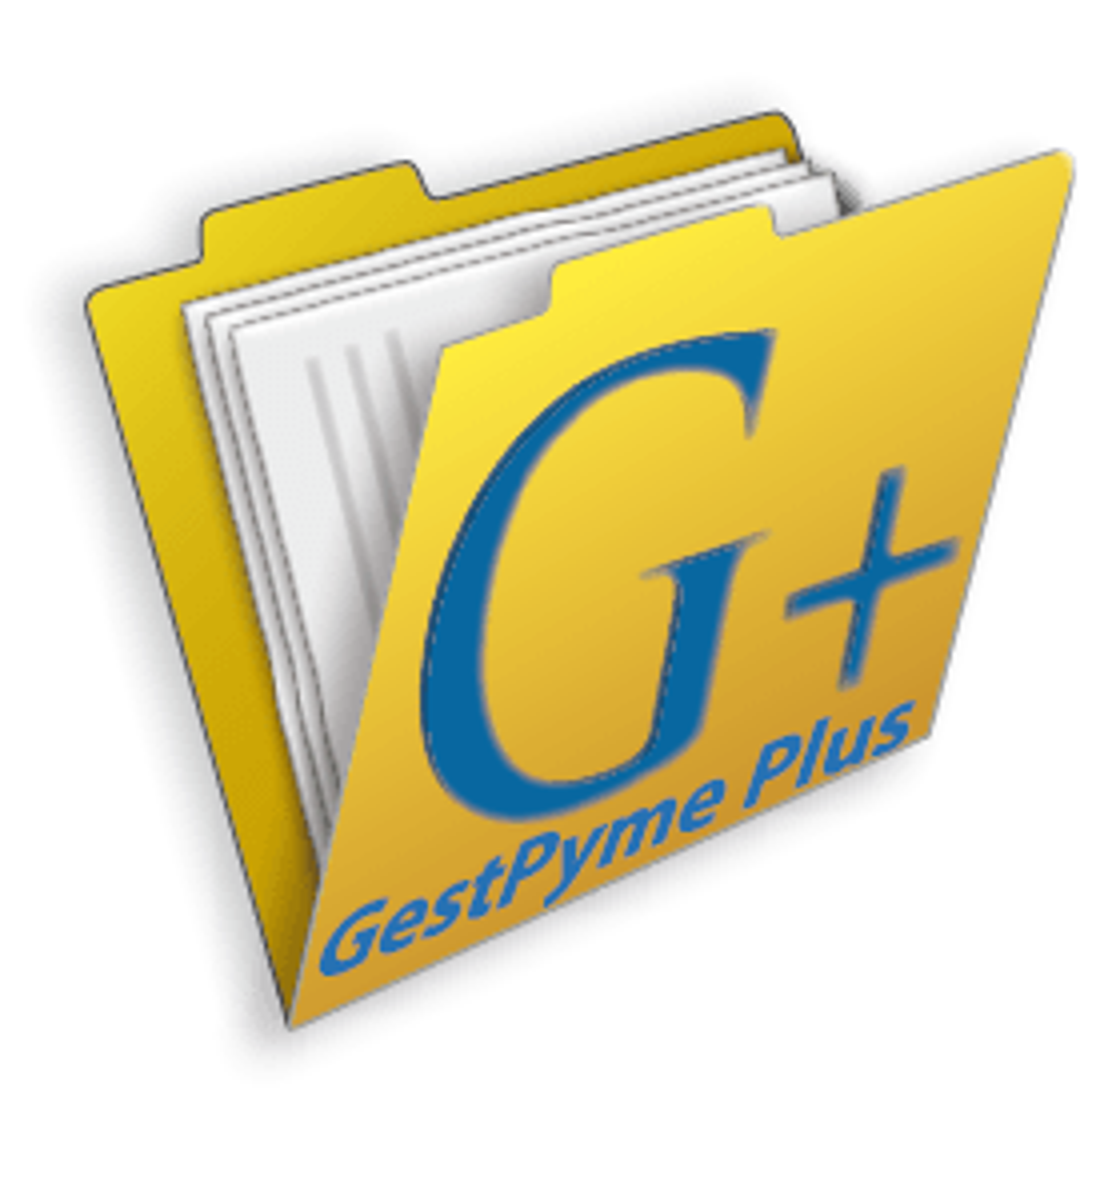 GestPyme Plus Mac